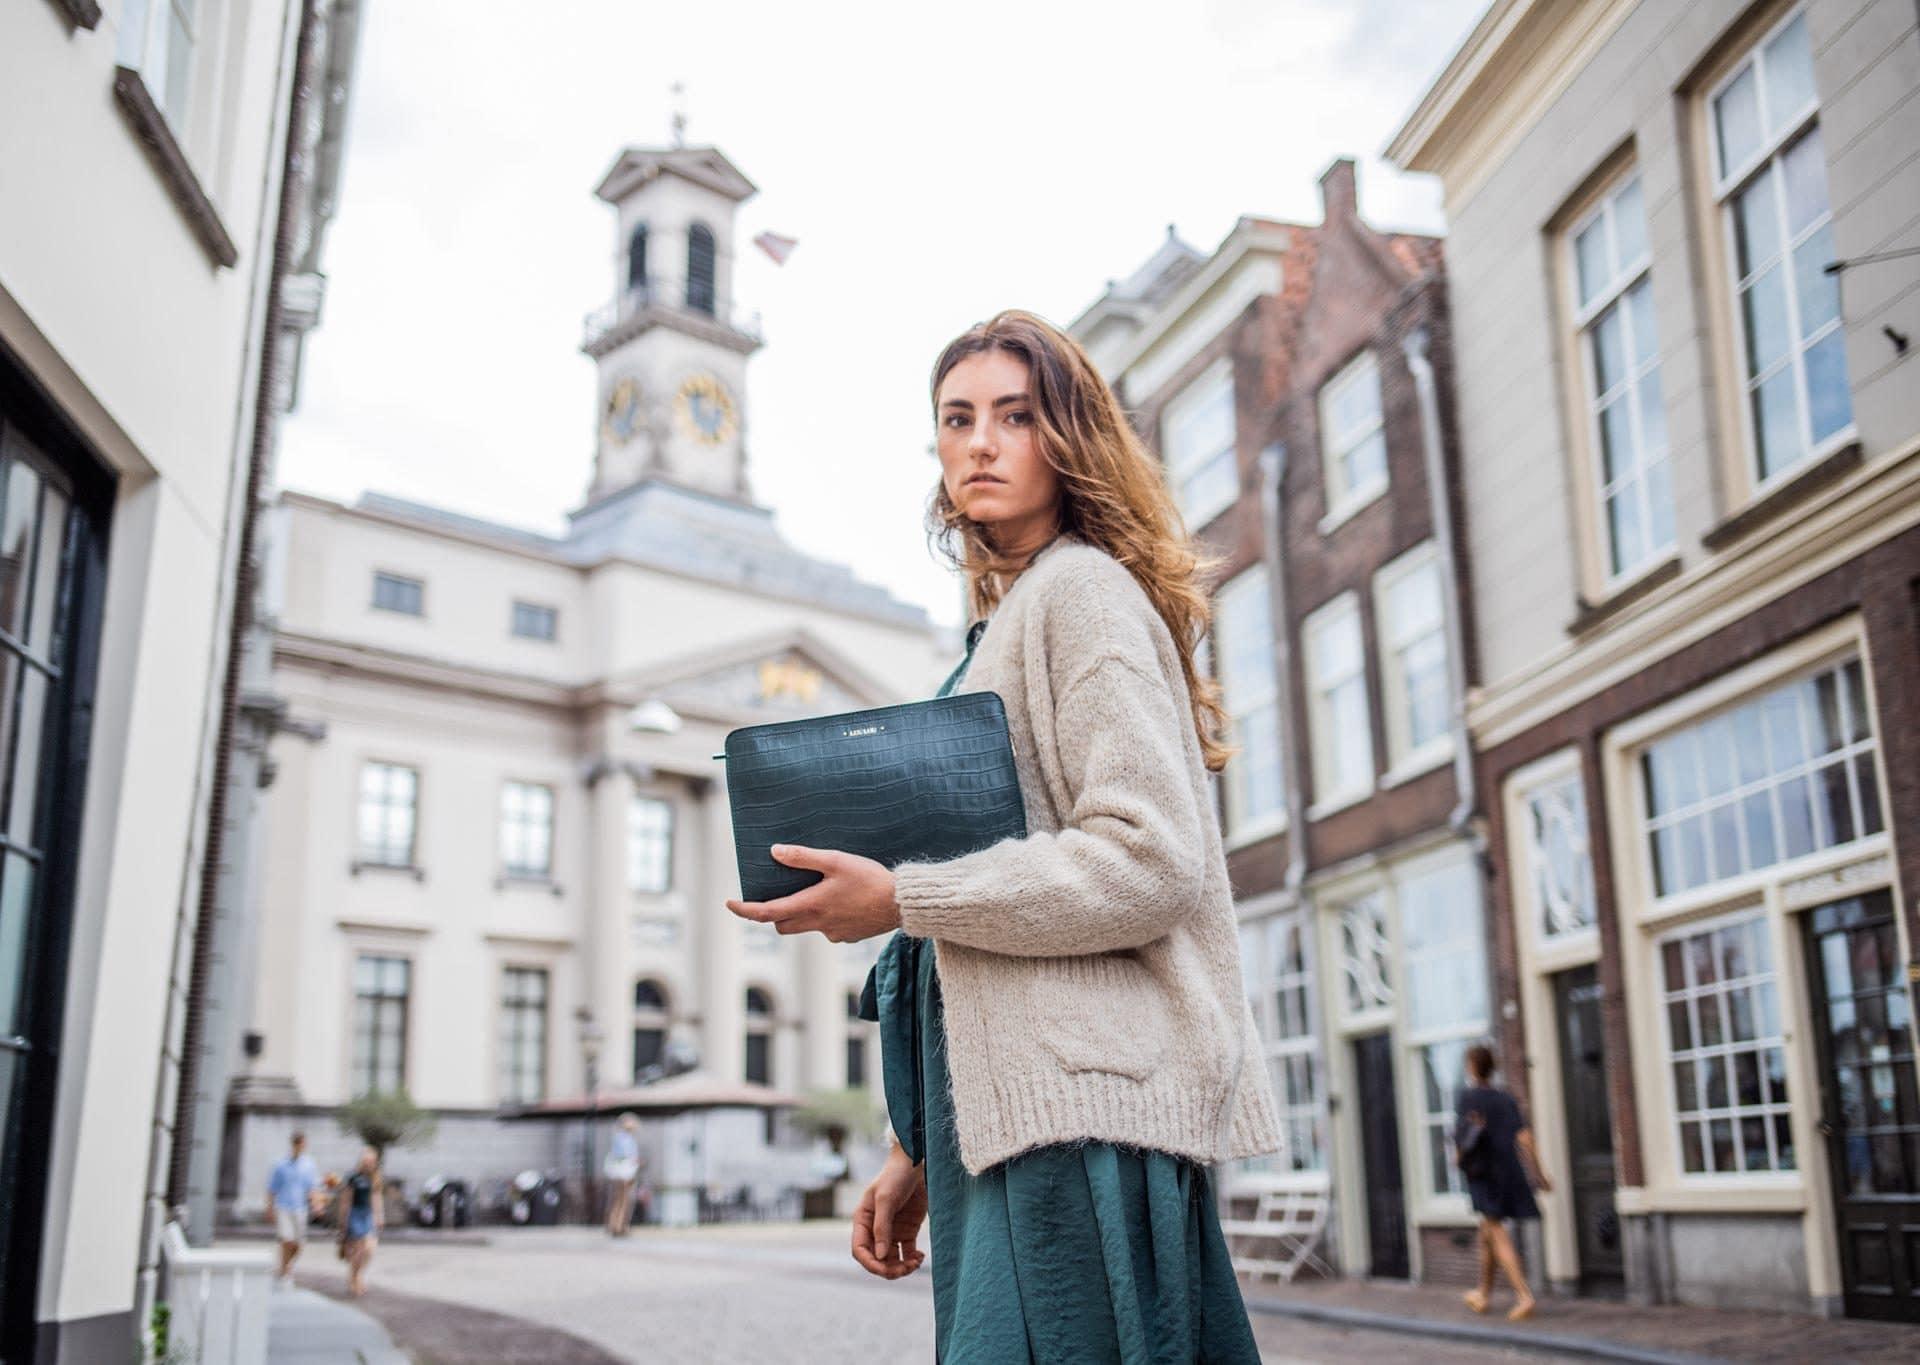 Tassen - In Dordrecht